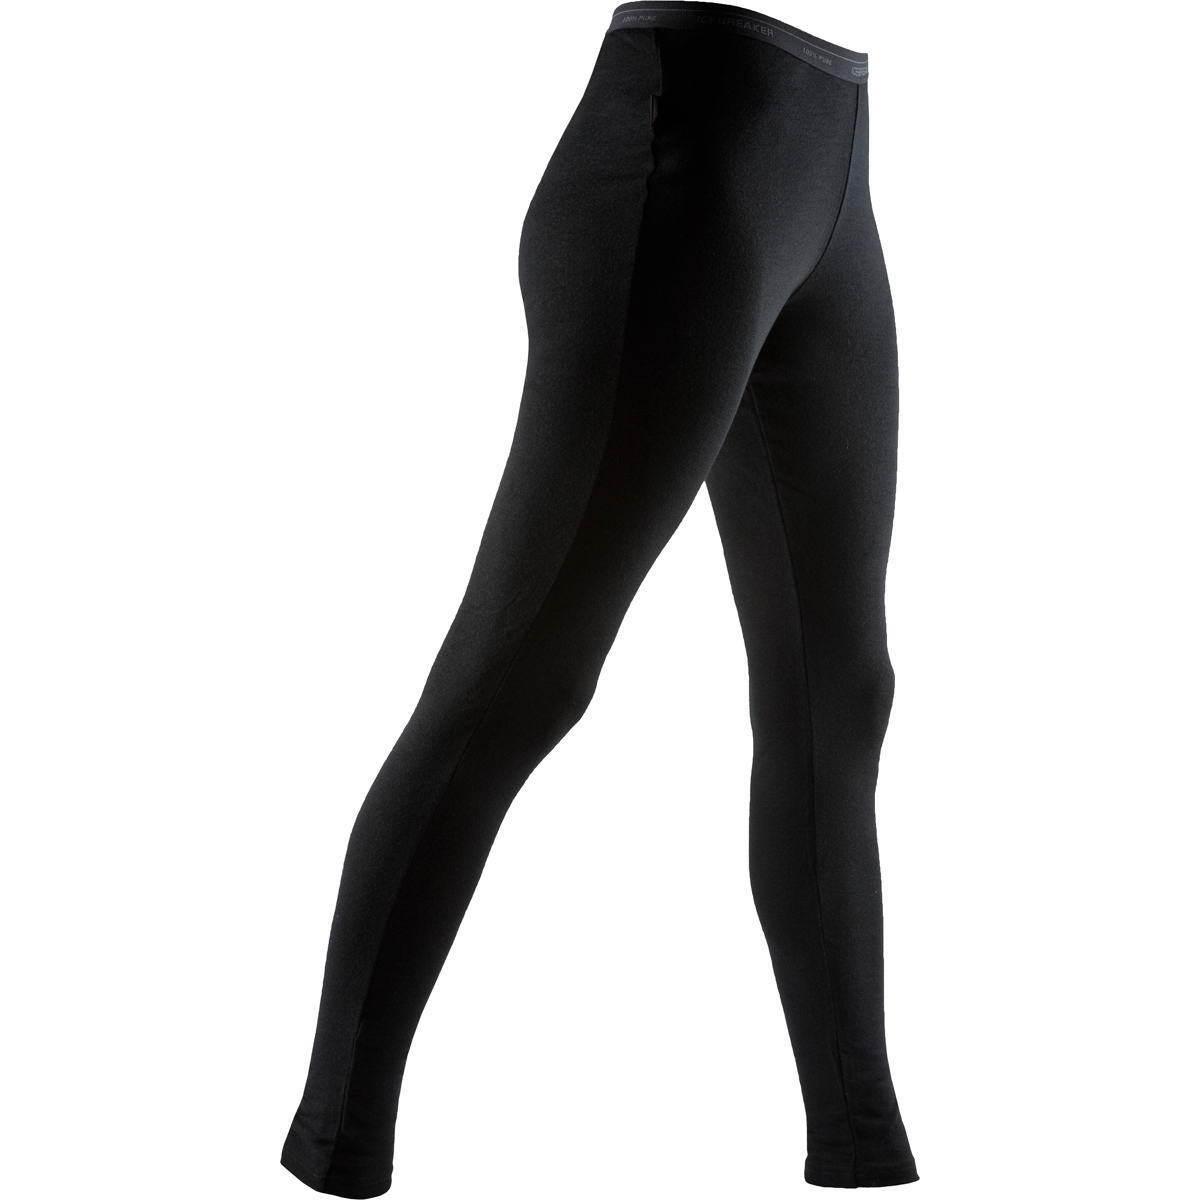 IJsbreker --Everyday Leggings f 555555333;r Frauen 175er Merinogolle 100% NEU